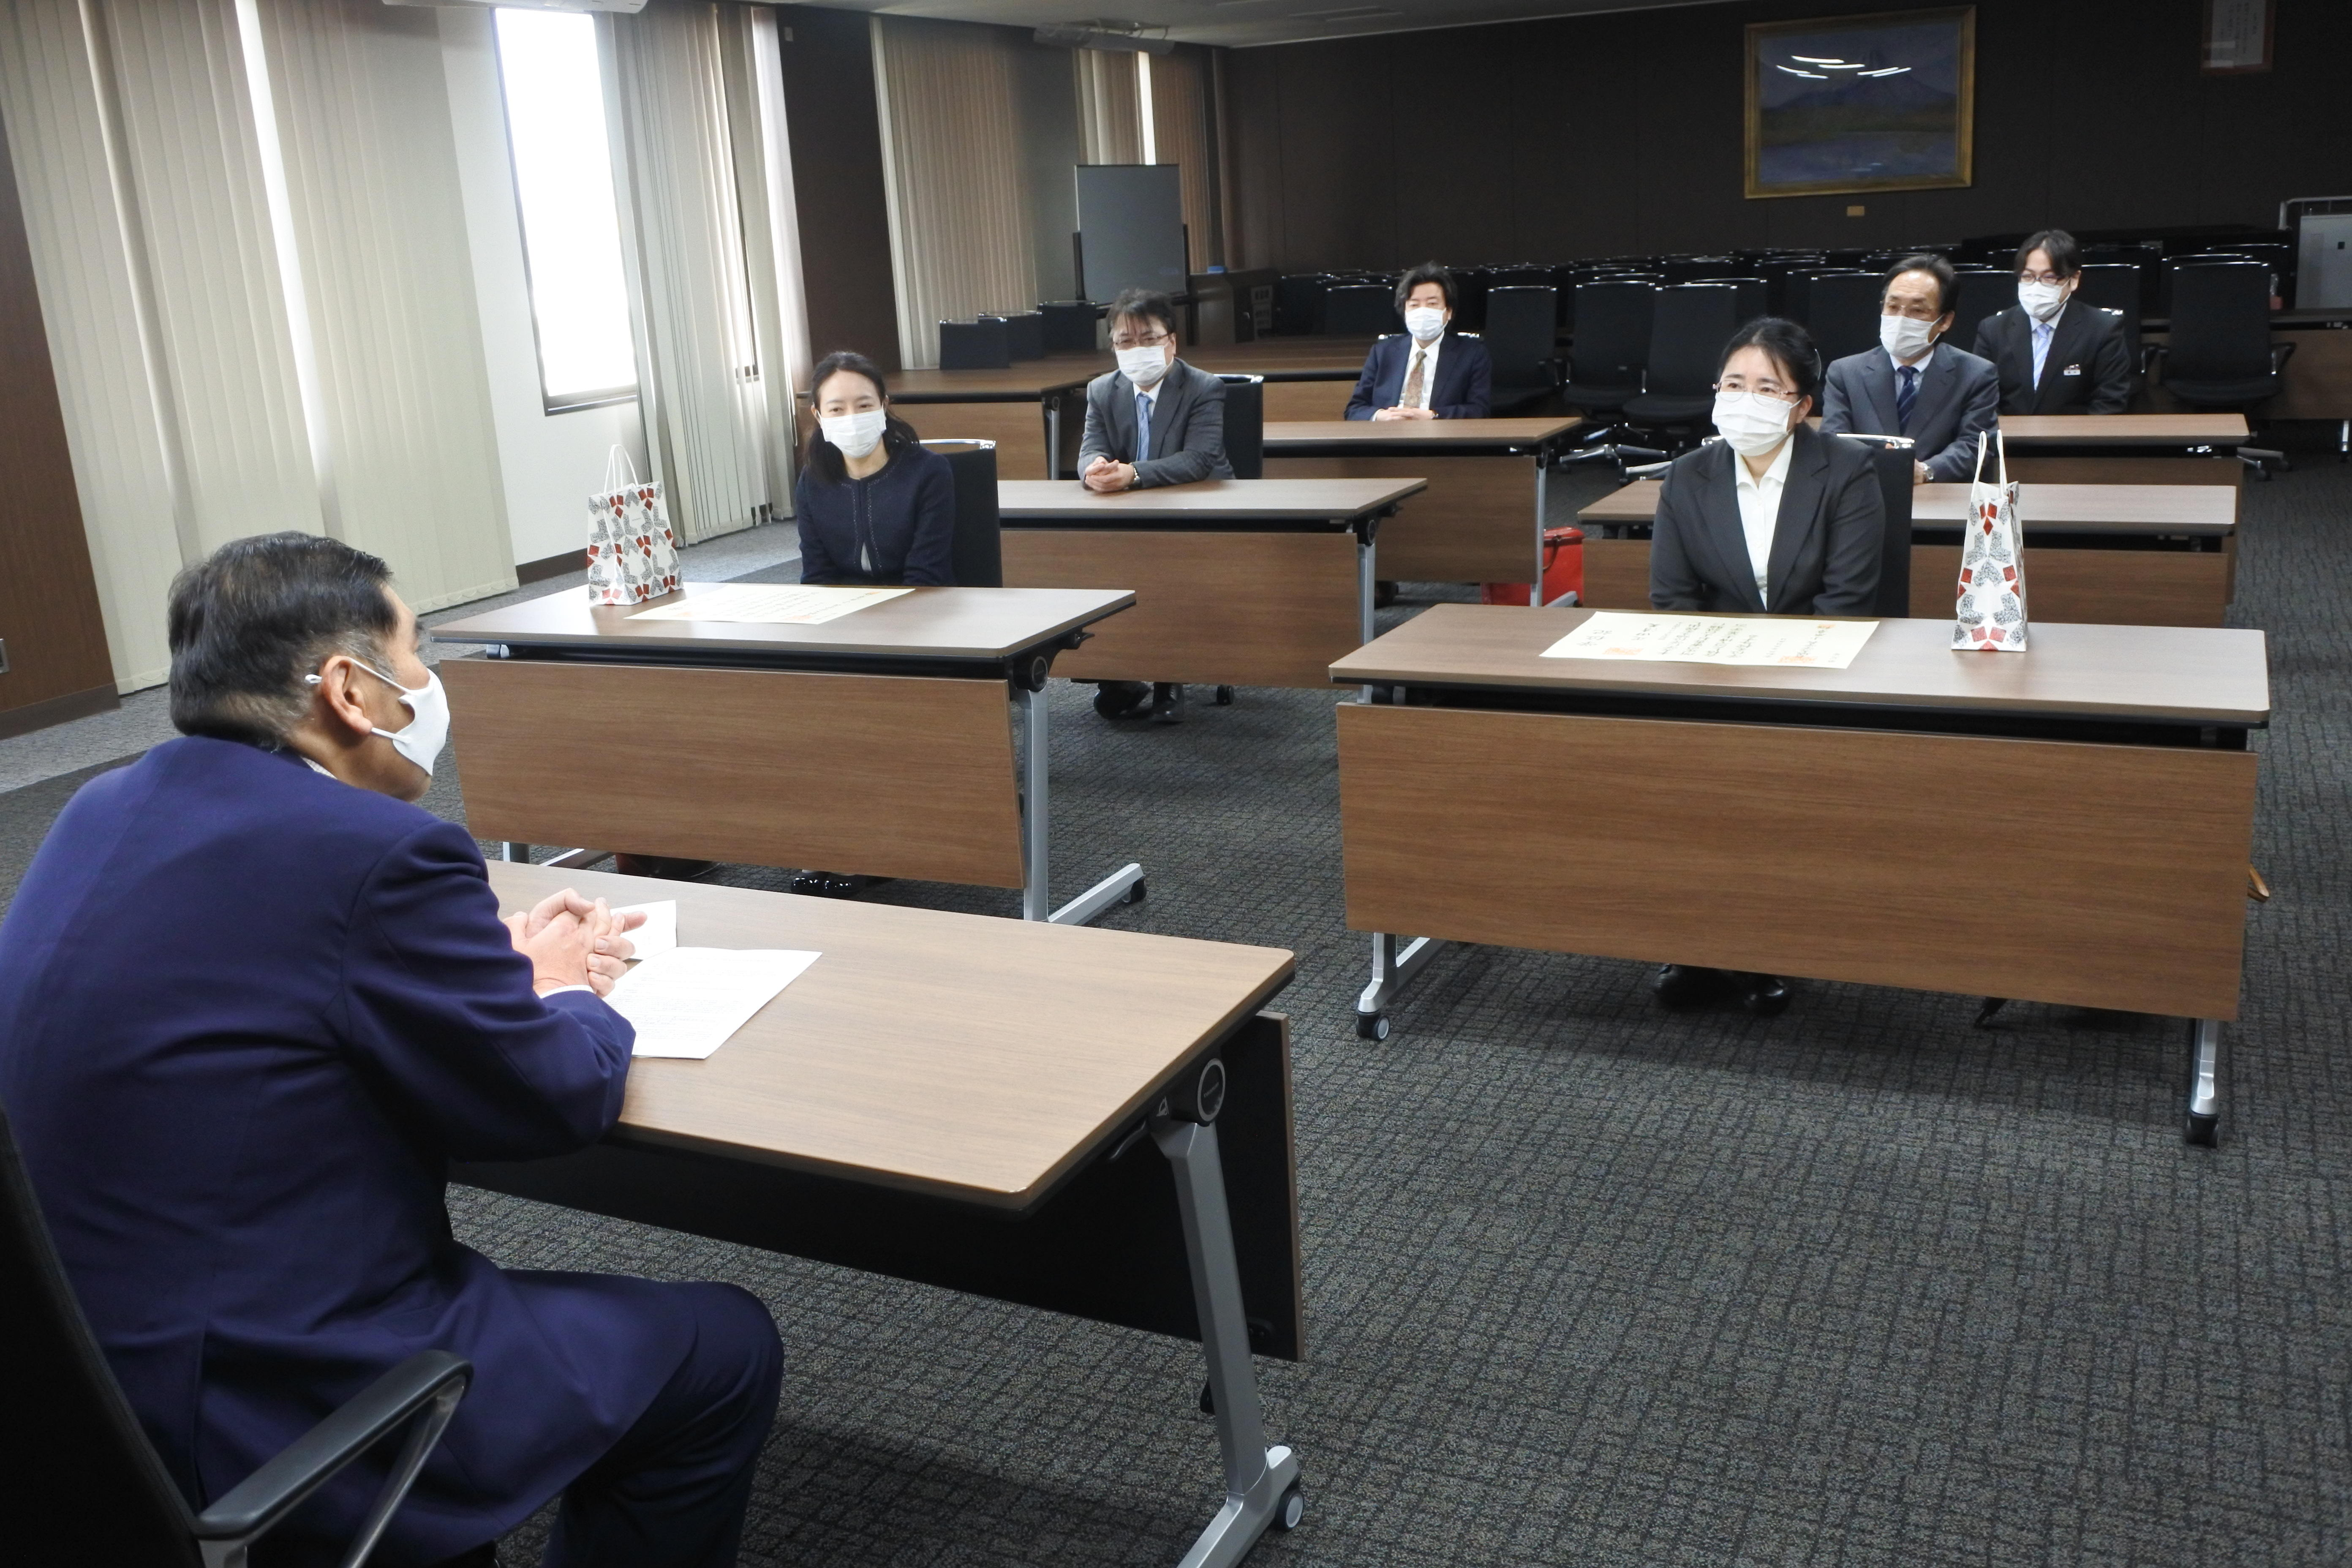 小原章裕学長と懇談する出席者たち